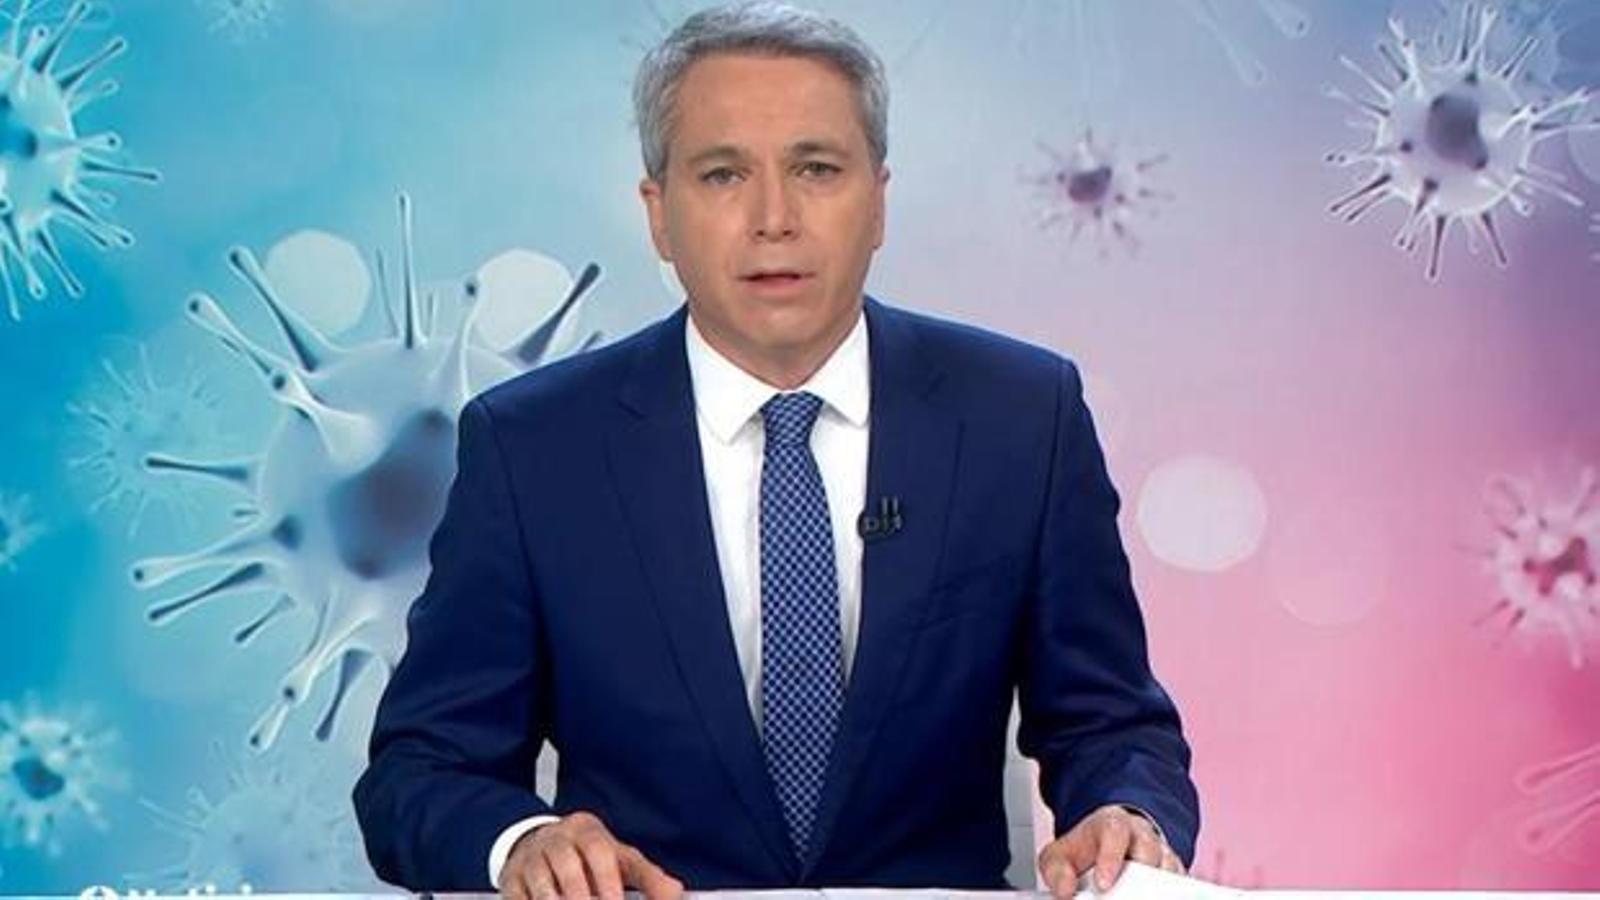 Reporters Sense Fronteres també critica Podem per assenyalar periodistes